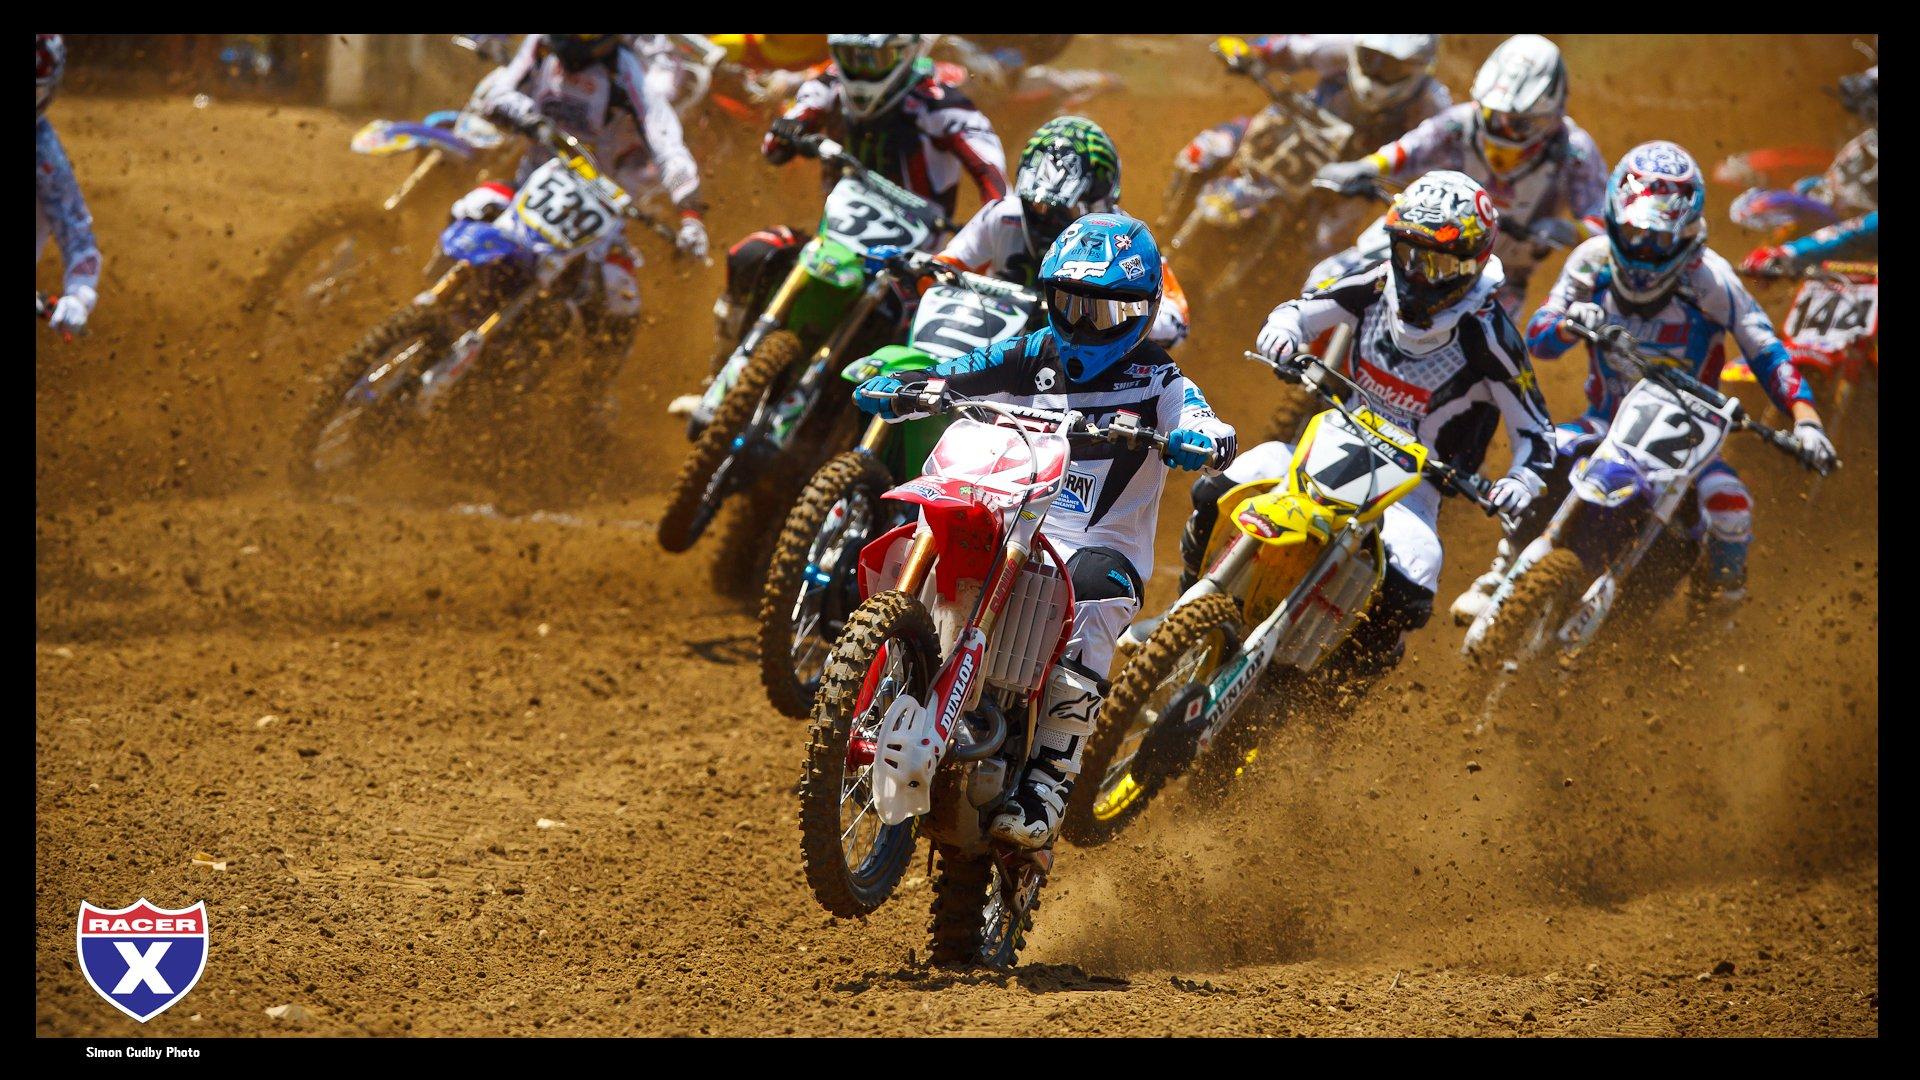 Dirt Bike Wallpaper Girls Budds Creek Wallpapers Motocross Racer X Online